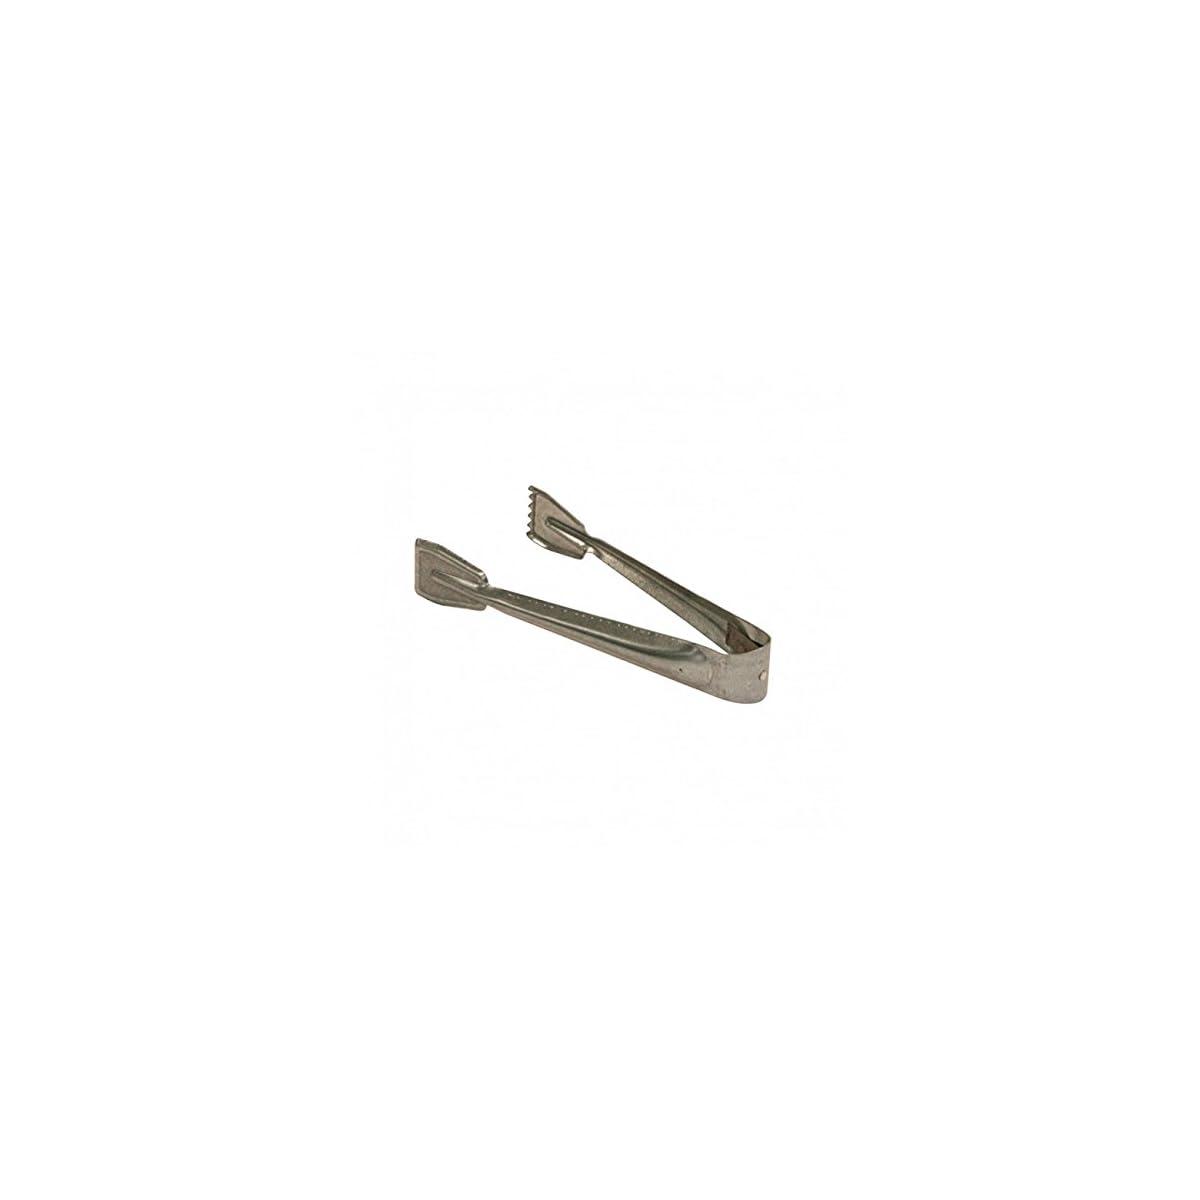 31REsOTMw9L. SS1200  - Kamino - Flam - Pinza para carbón (21,5 x 9 x 3,5 cm), Pinzas para chimenea, estufa o barbacoa, Alicate para carbón y leña, Tenaza de metal galvanizado para chimeneas - resistente y durable